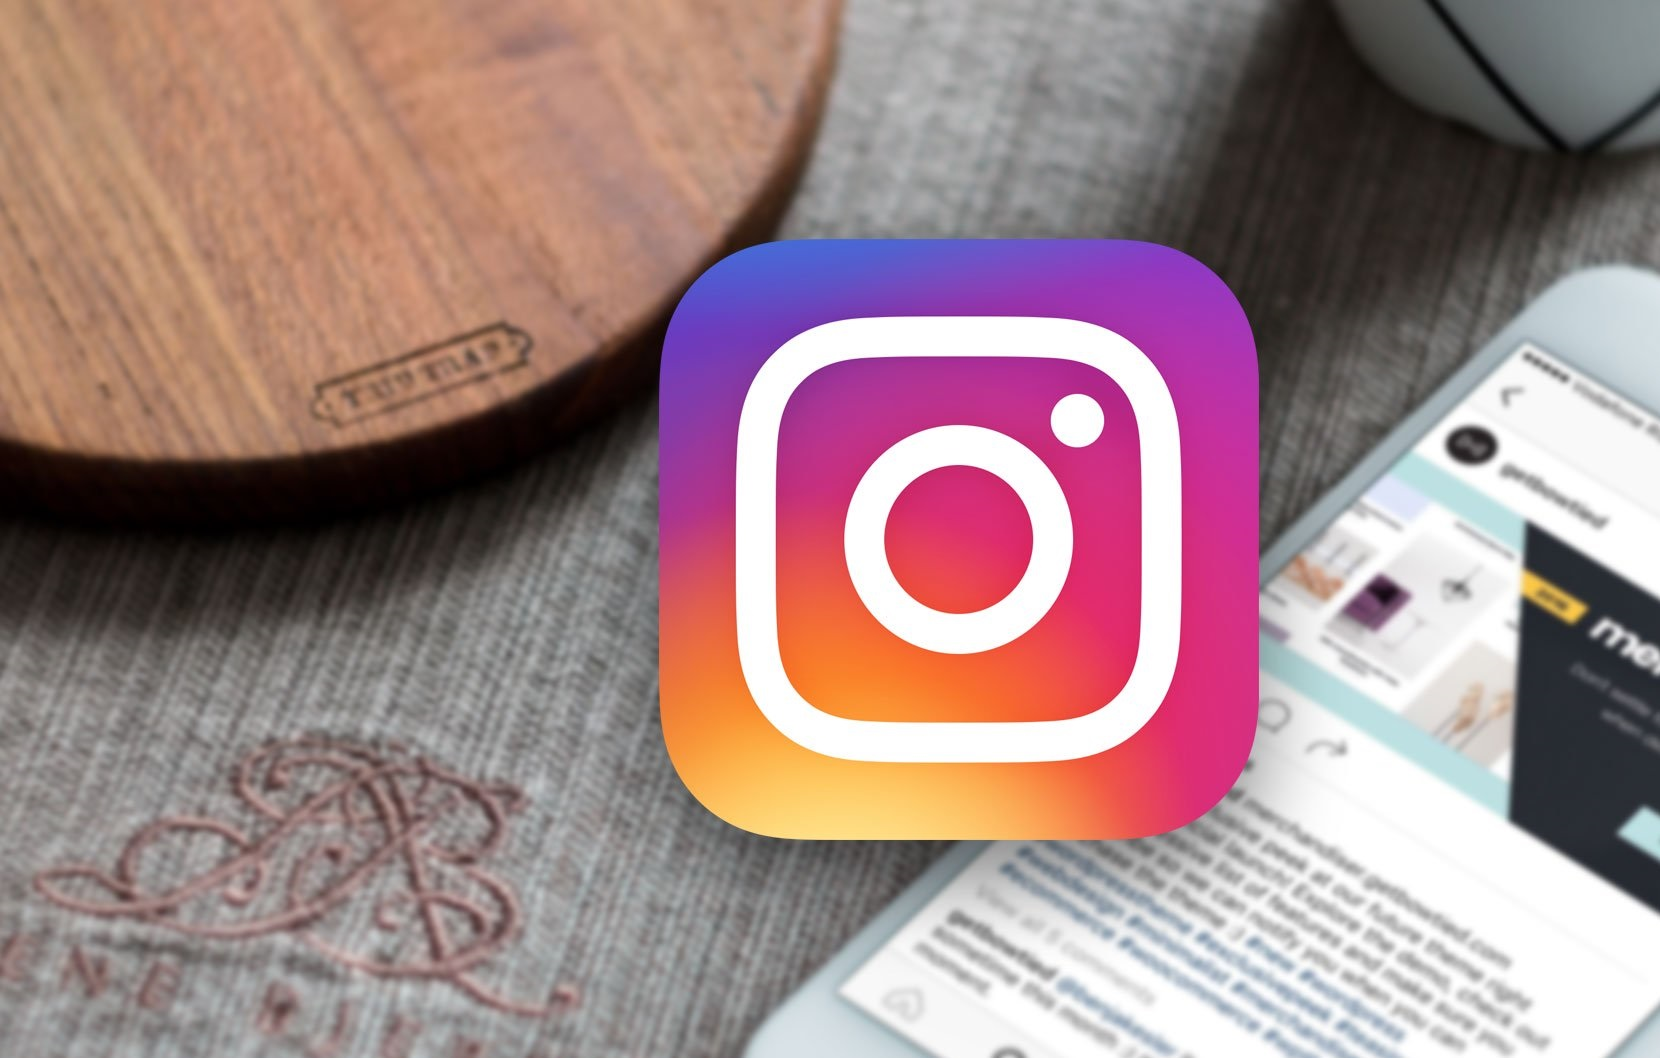 Android: Xây dựng bộ lọc hình ảnh như Instagram